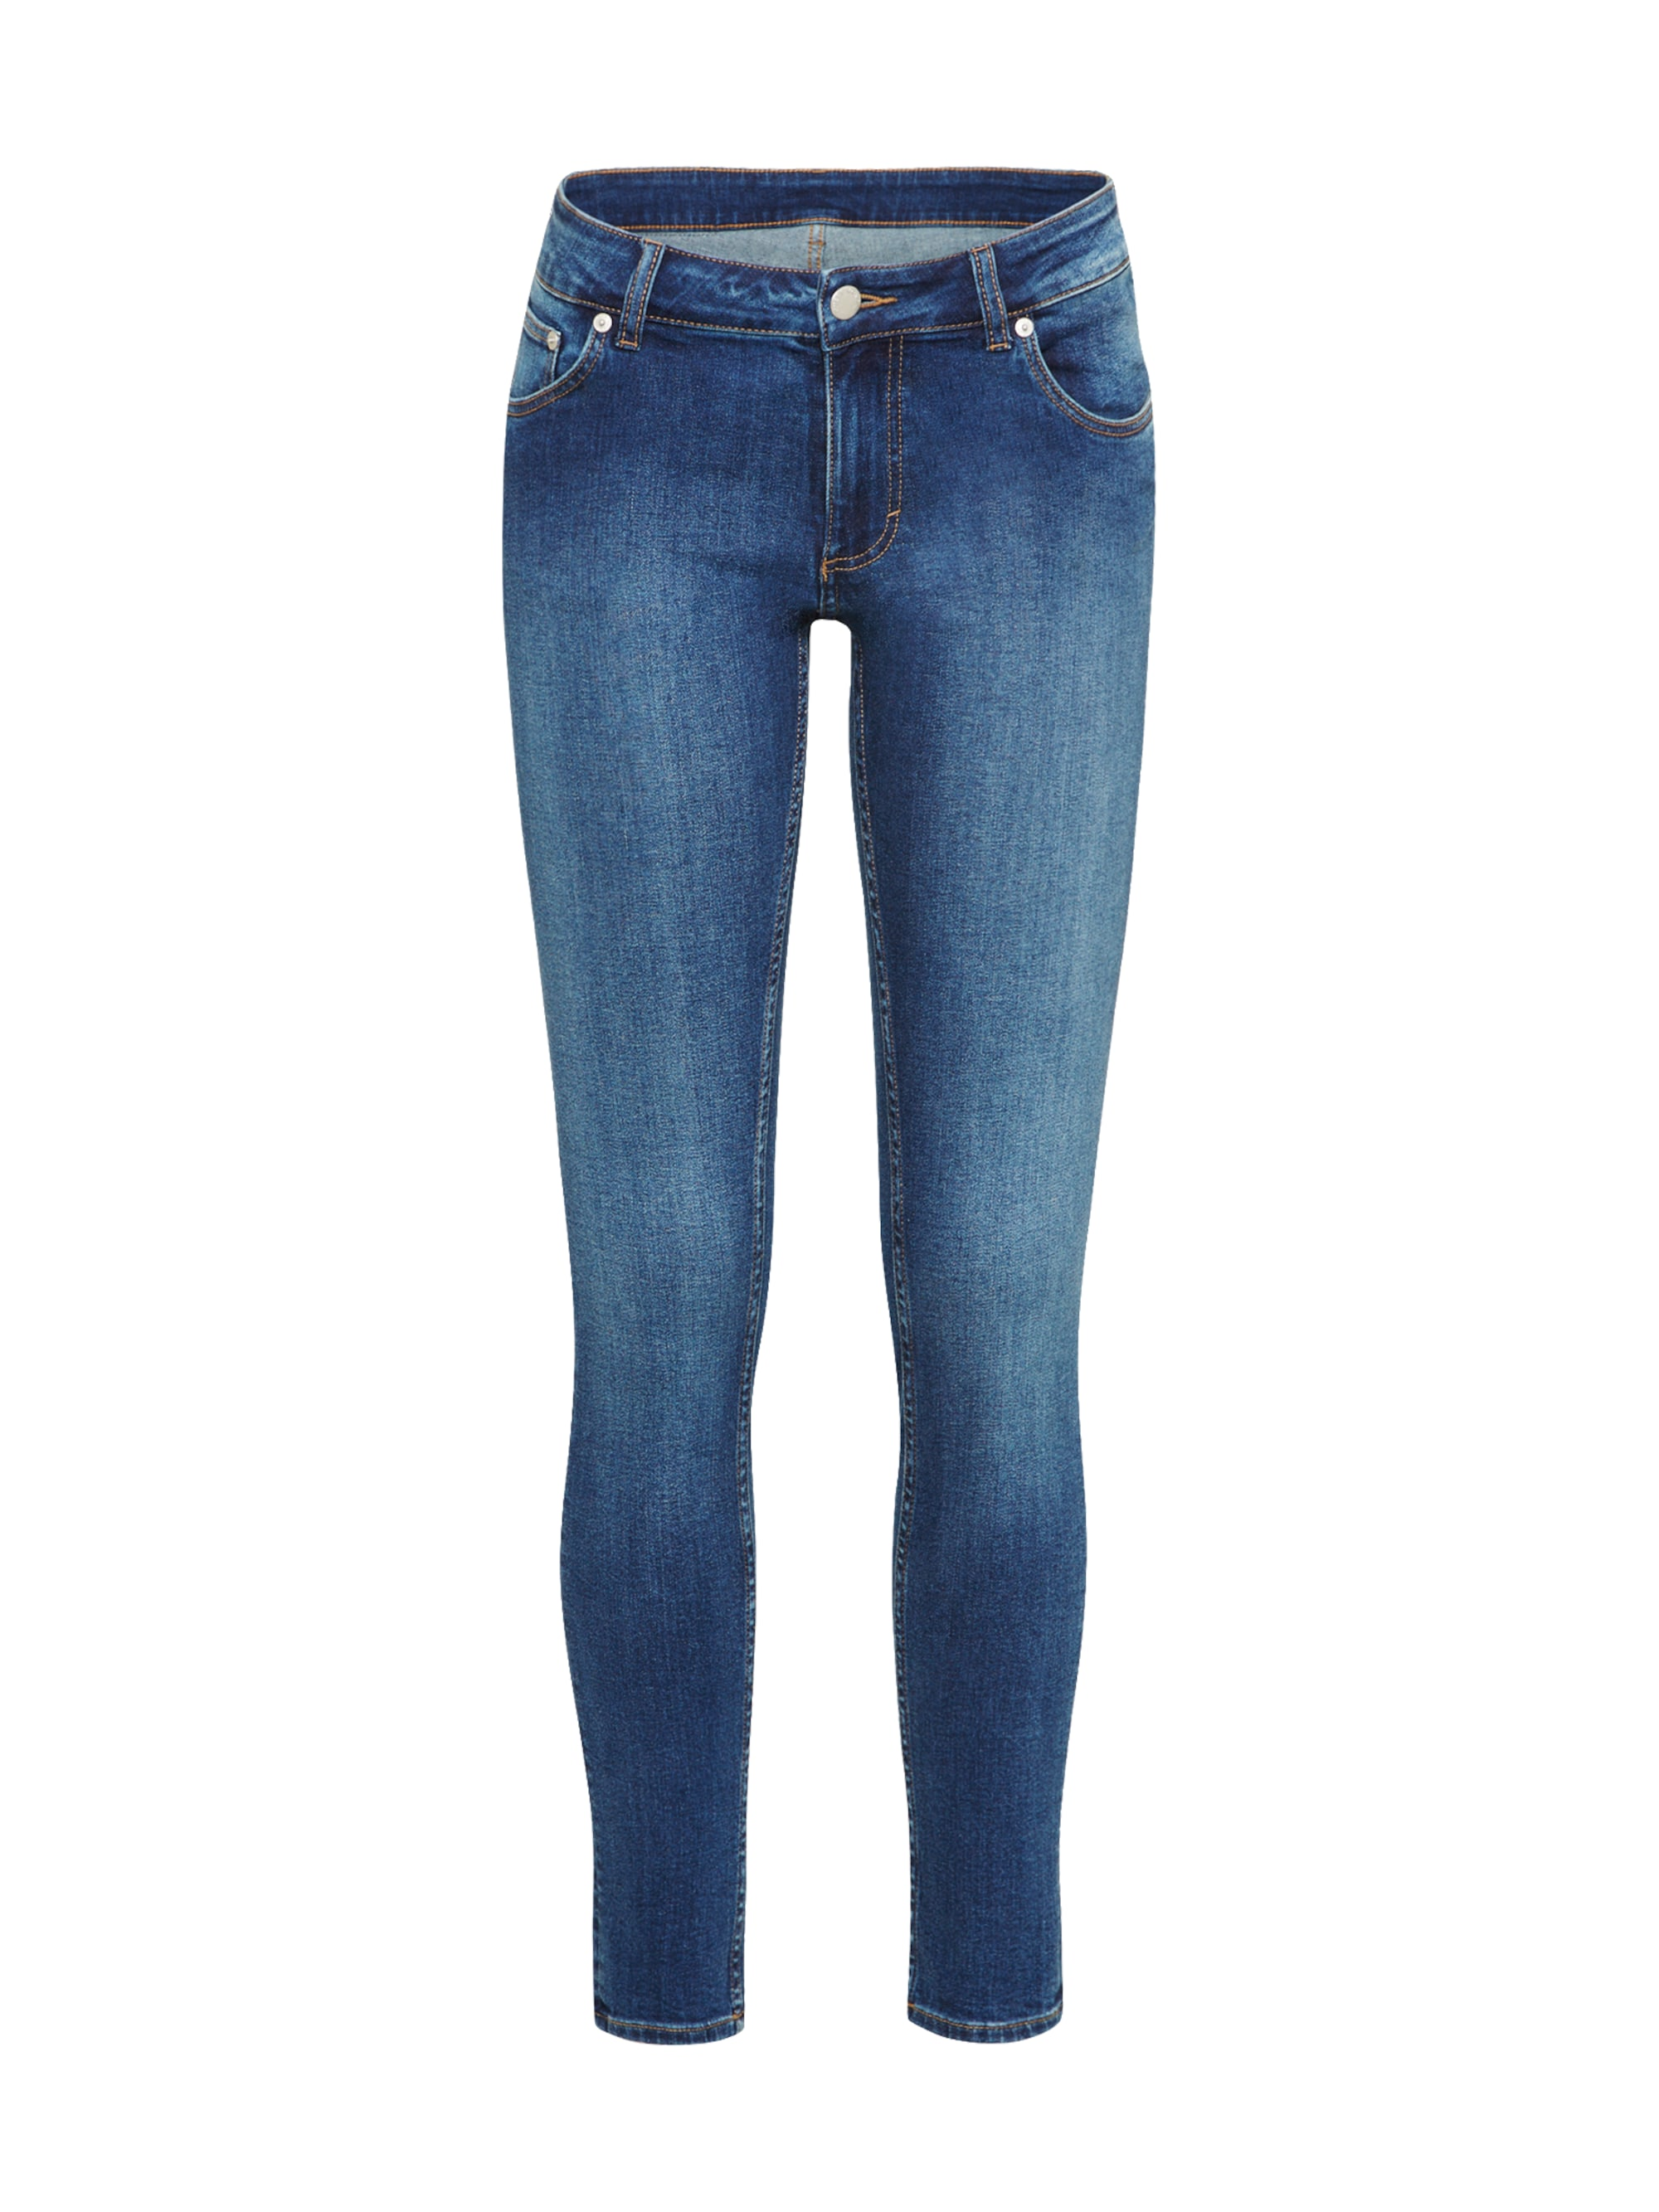 ´Low Skin´ Skinny Jeans